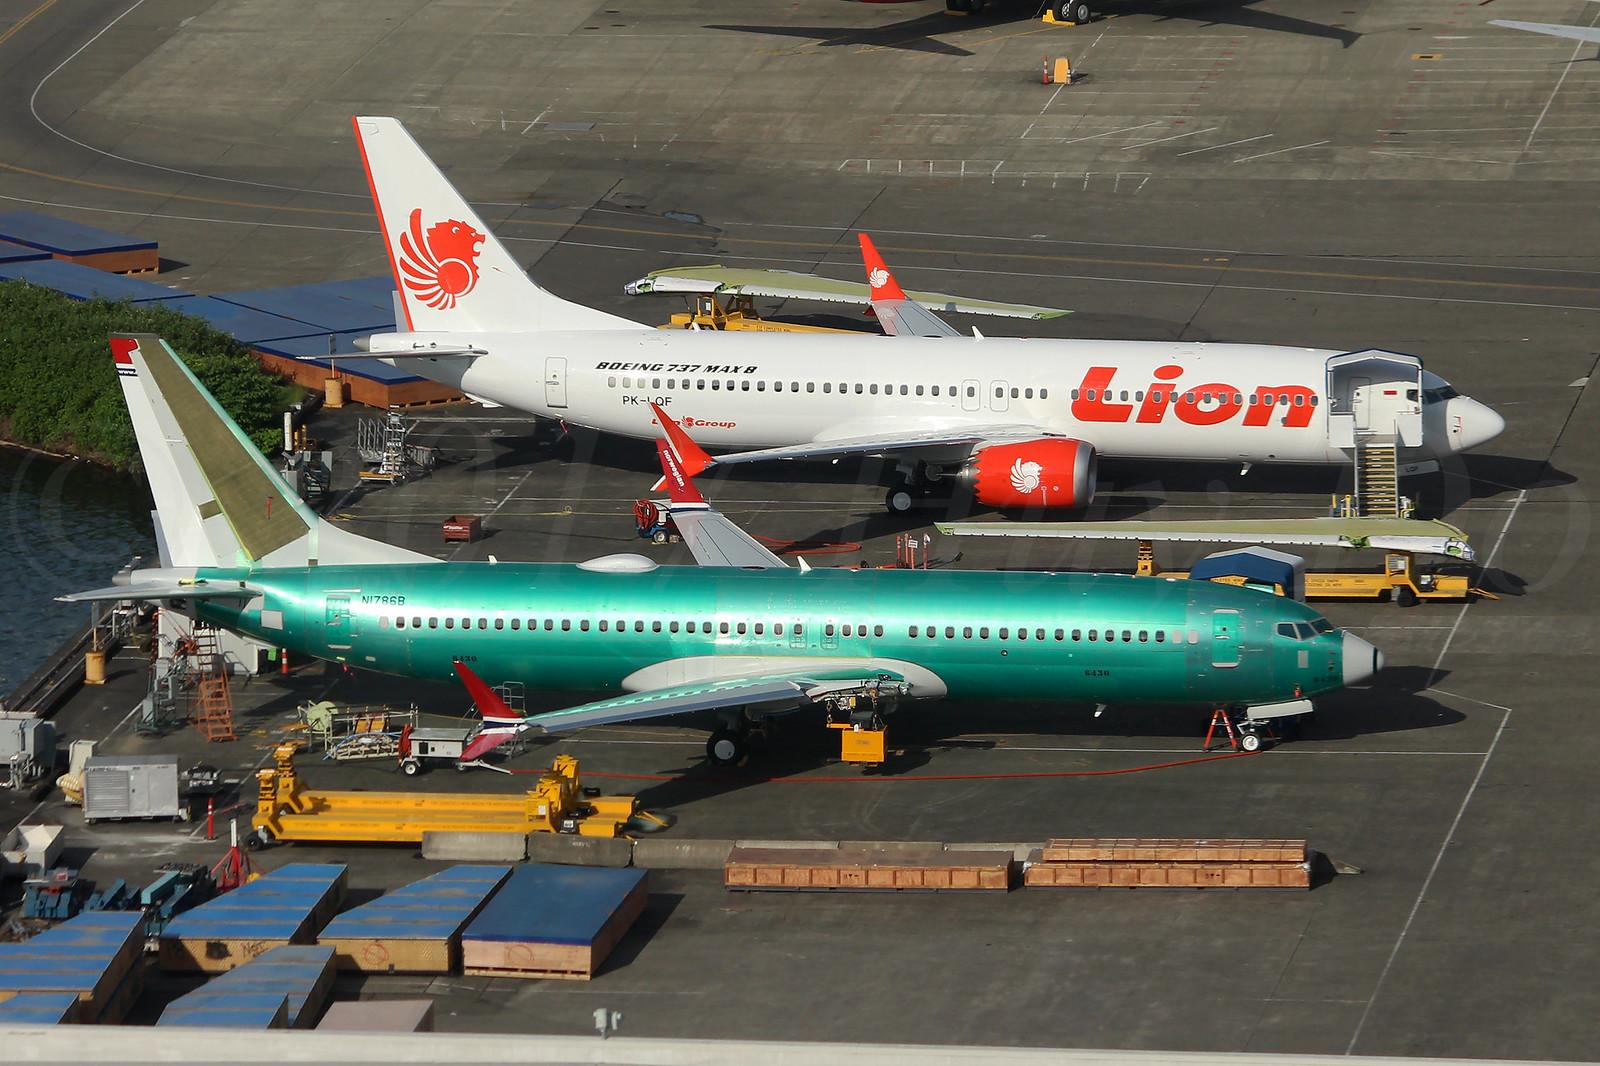 Resultado de imagen para lion air assembly line Boeing 737 max